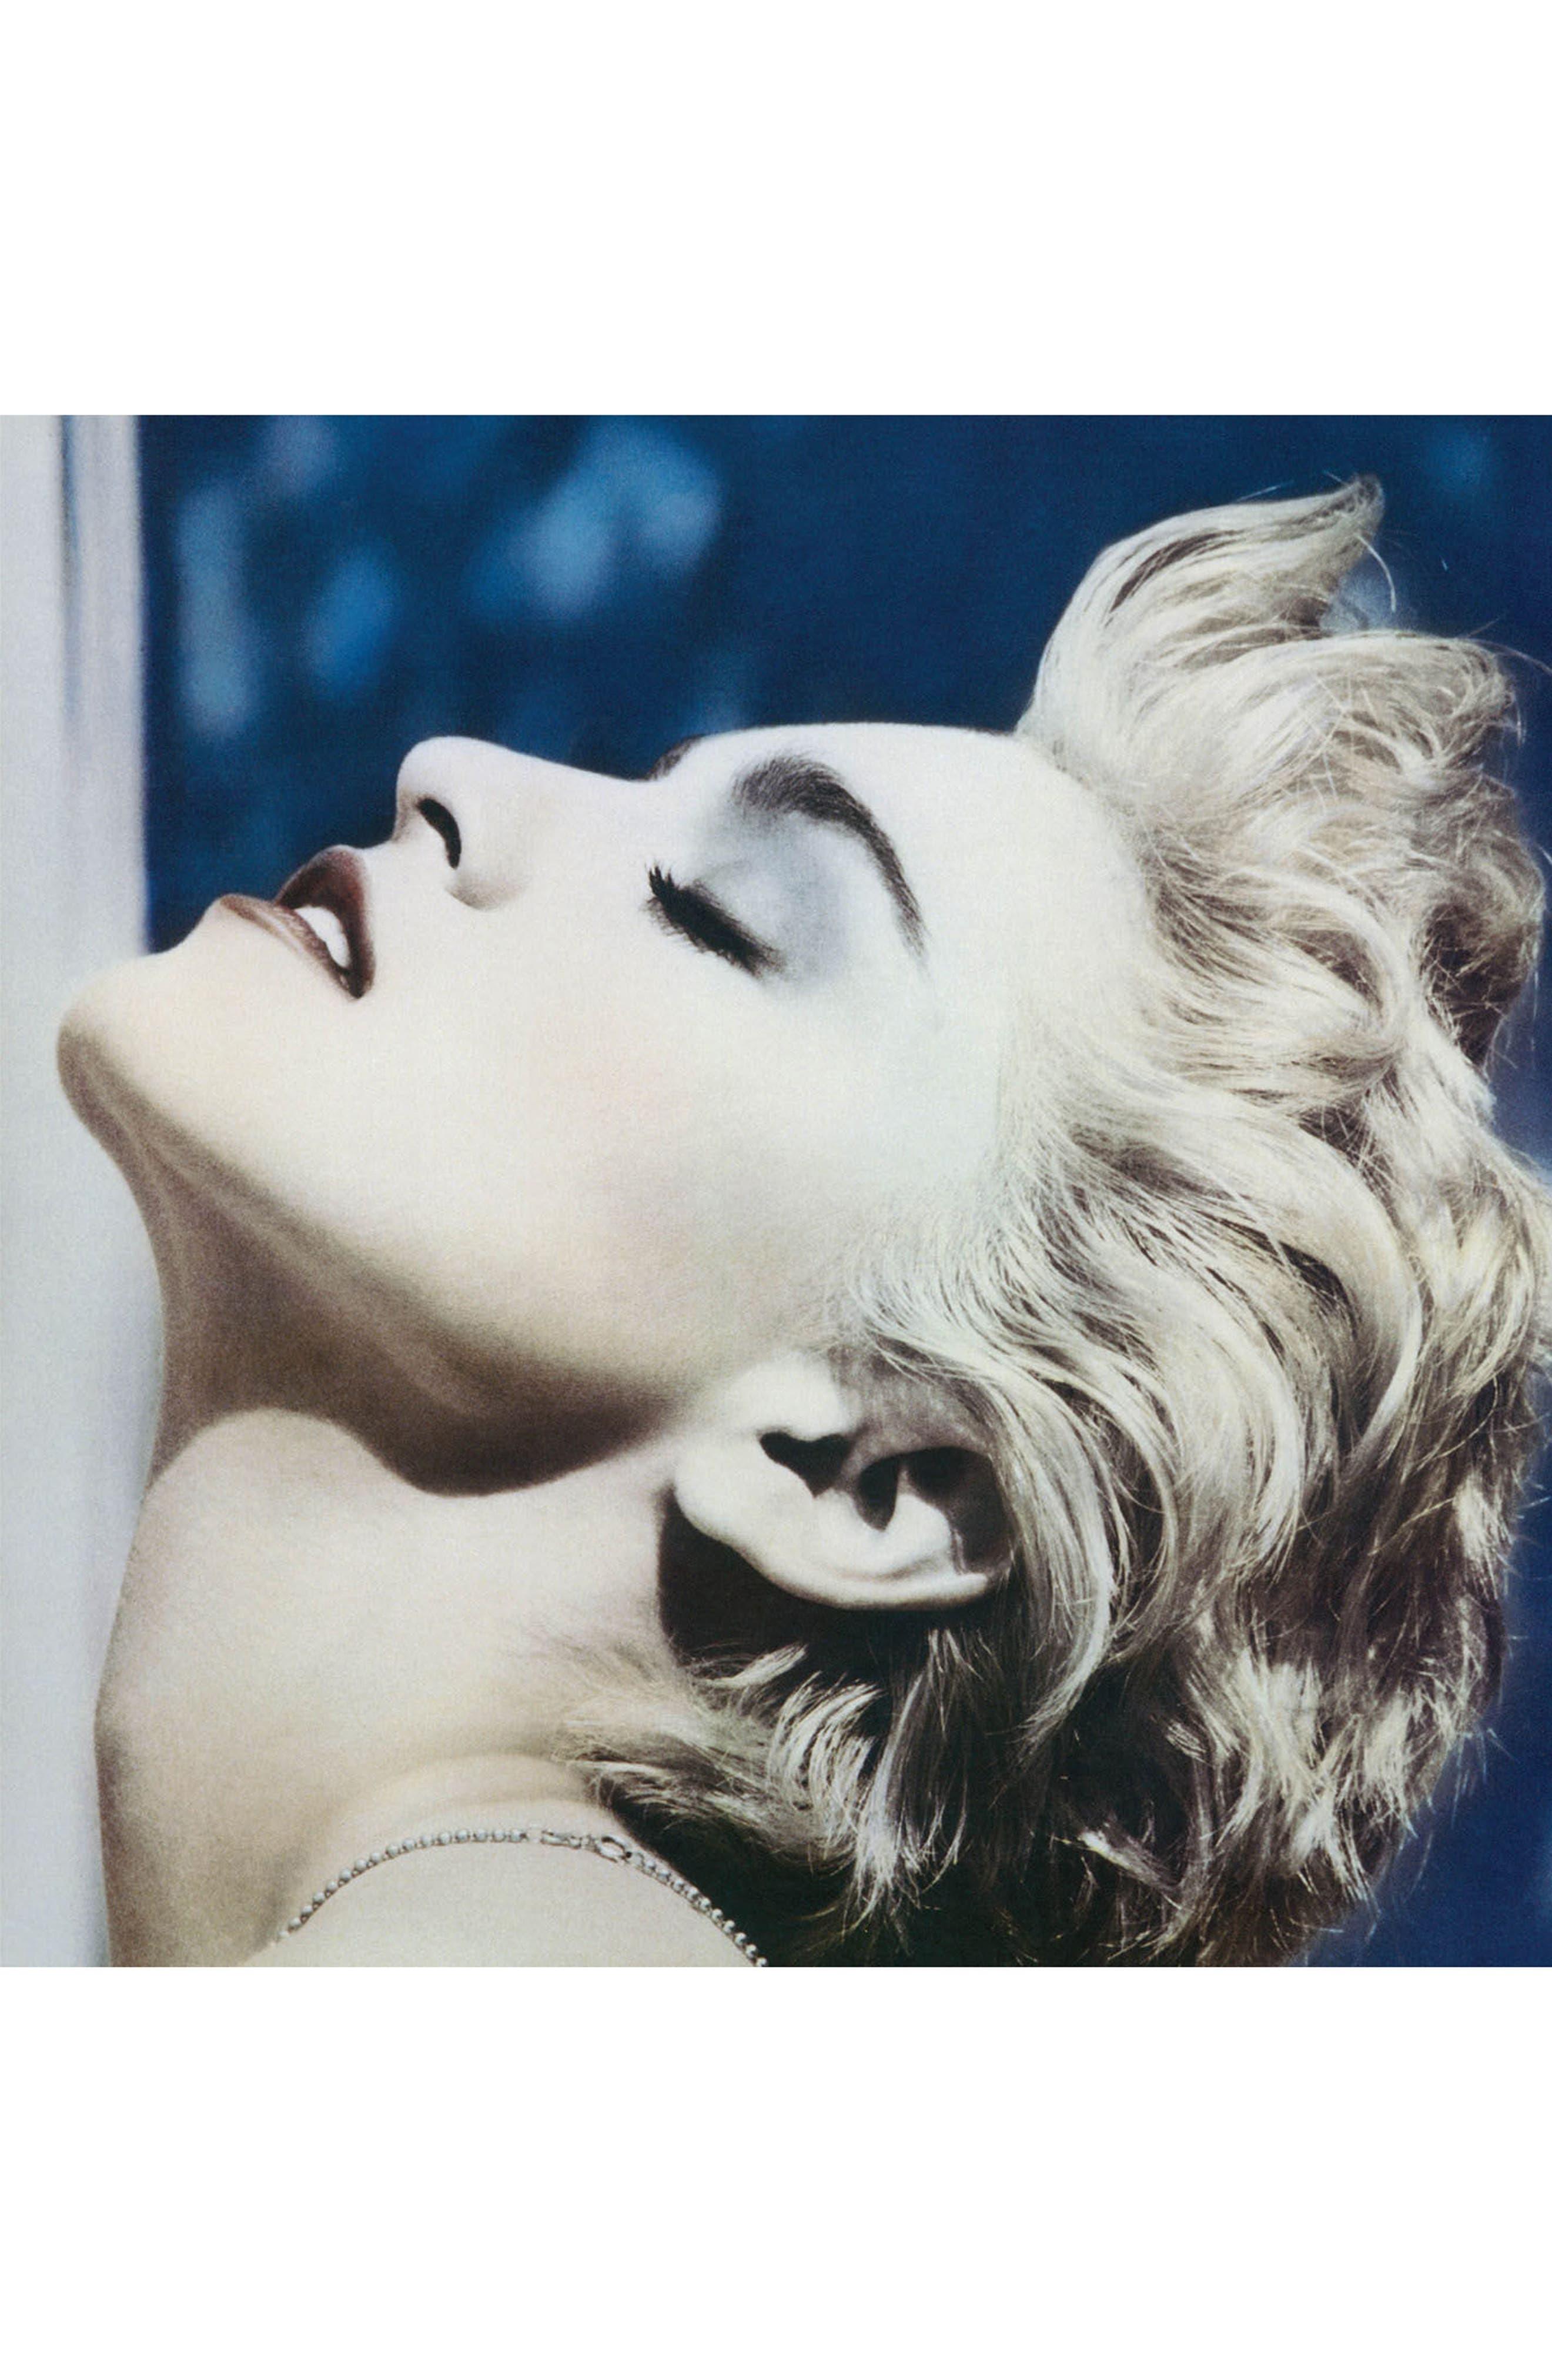 Madonna True Blue LP Vinyl Album